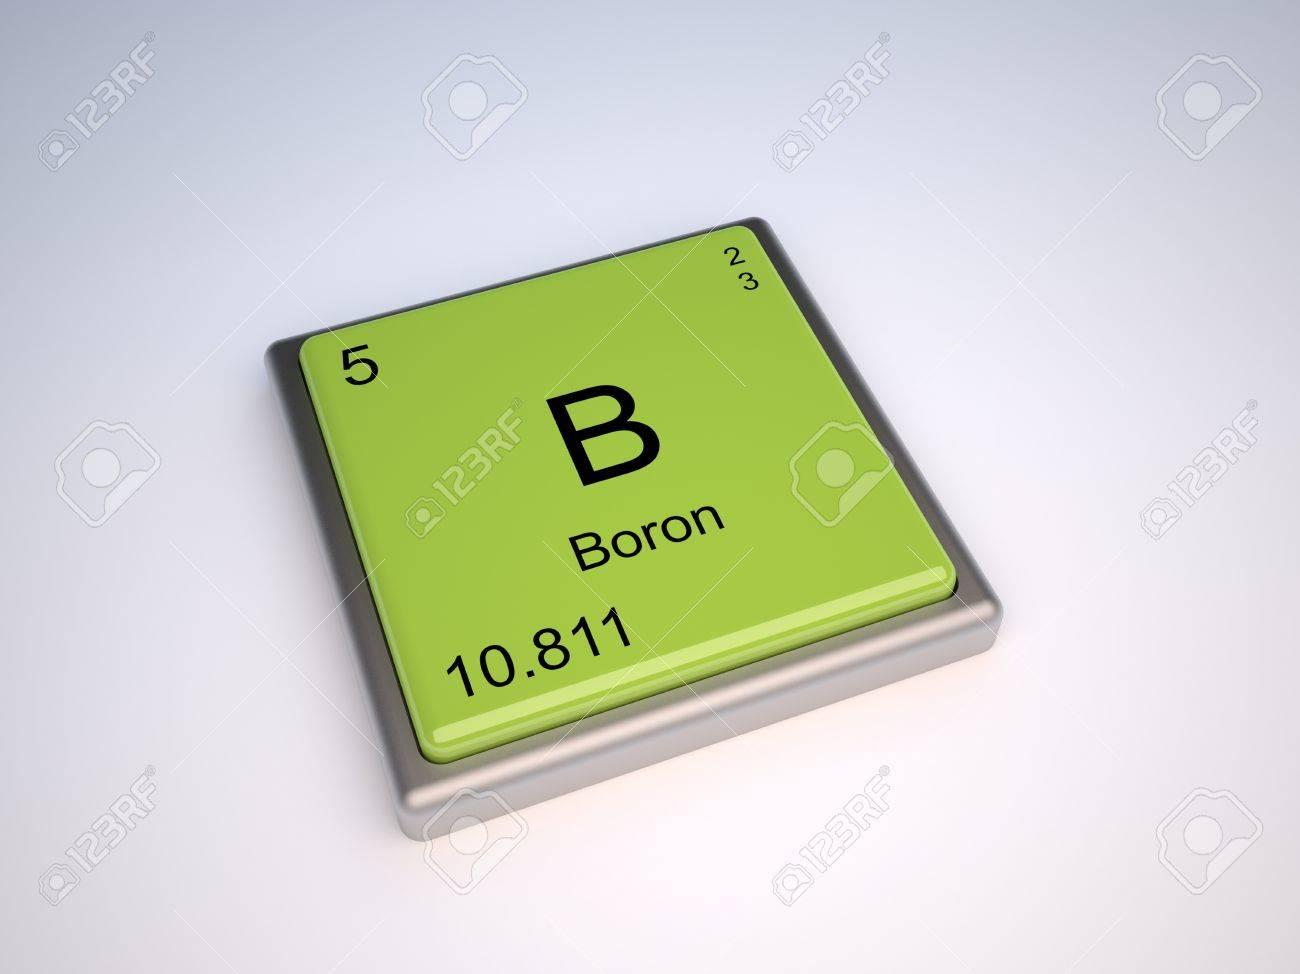 Elemento qumico de boro de la tabla peridica con smbolo b elemento qumico de boro de la tabla peridica con smbolo b iupac foto de archivo urtaz Gallery